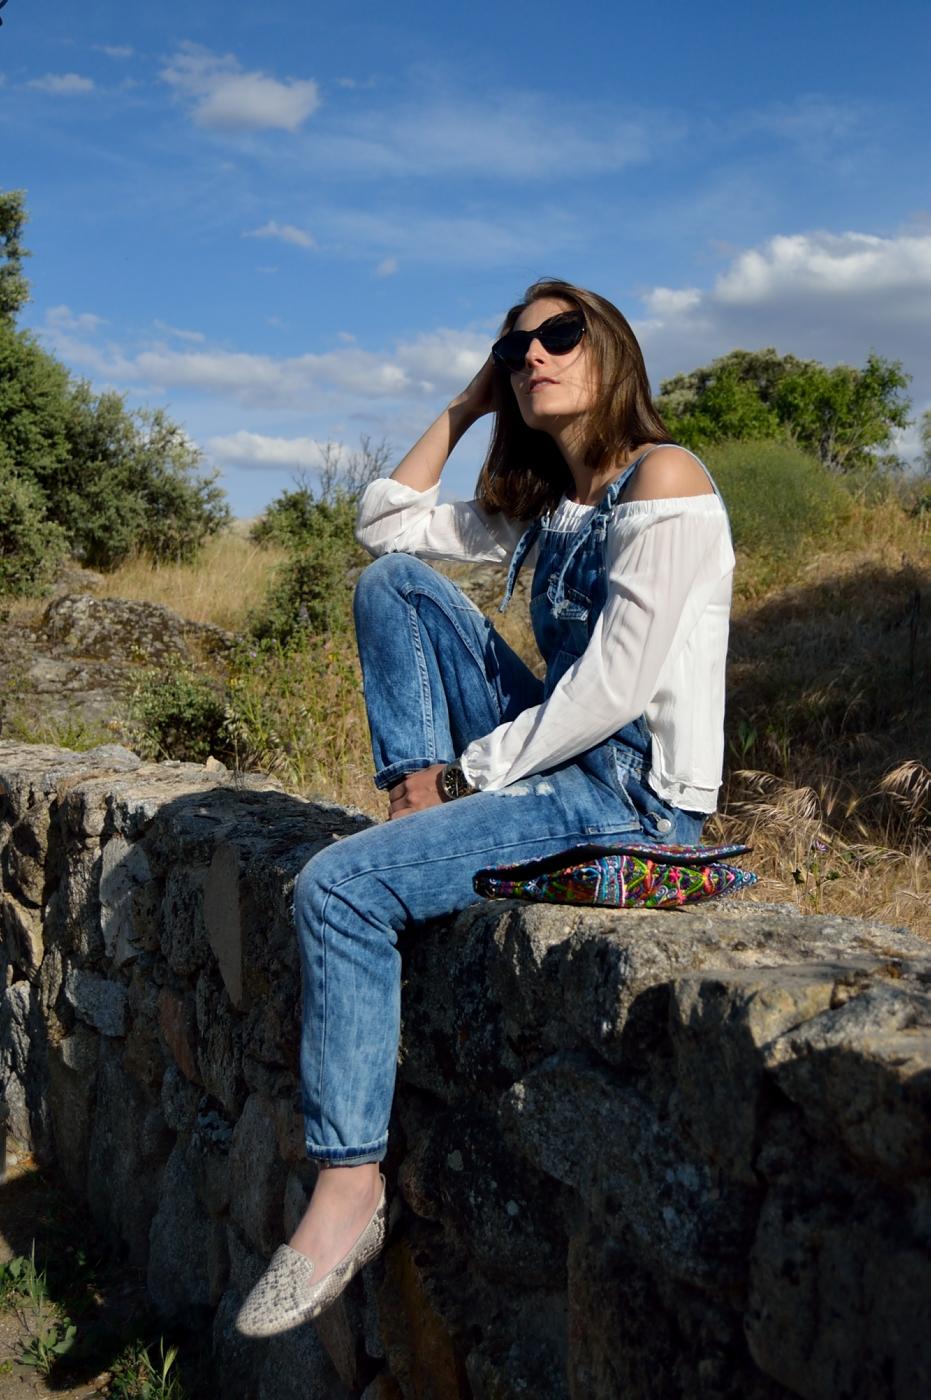 lara-vazquez-mad-lula-style-denim-jumpsuit-spring-outfit-fashion-blog-streetstyle-moda